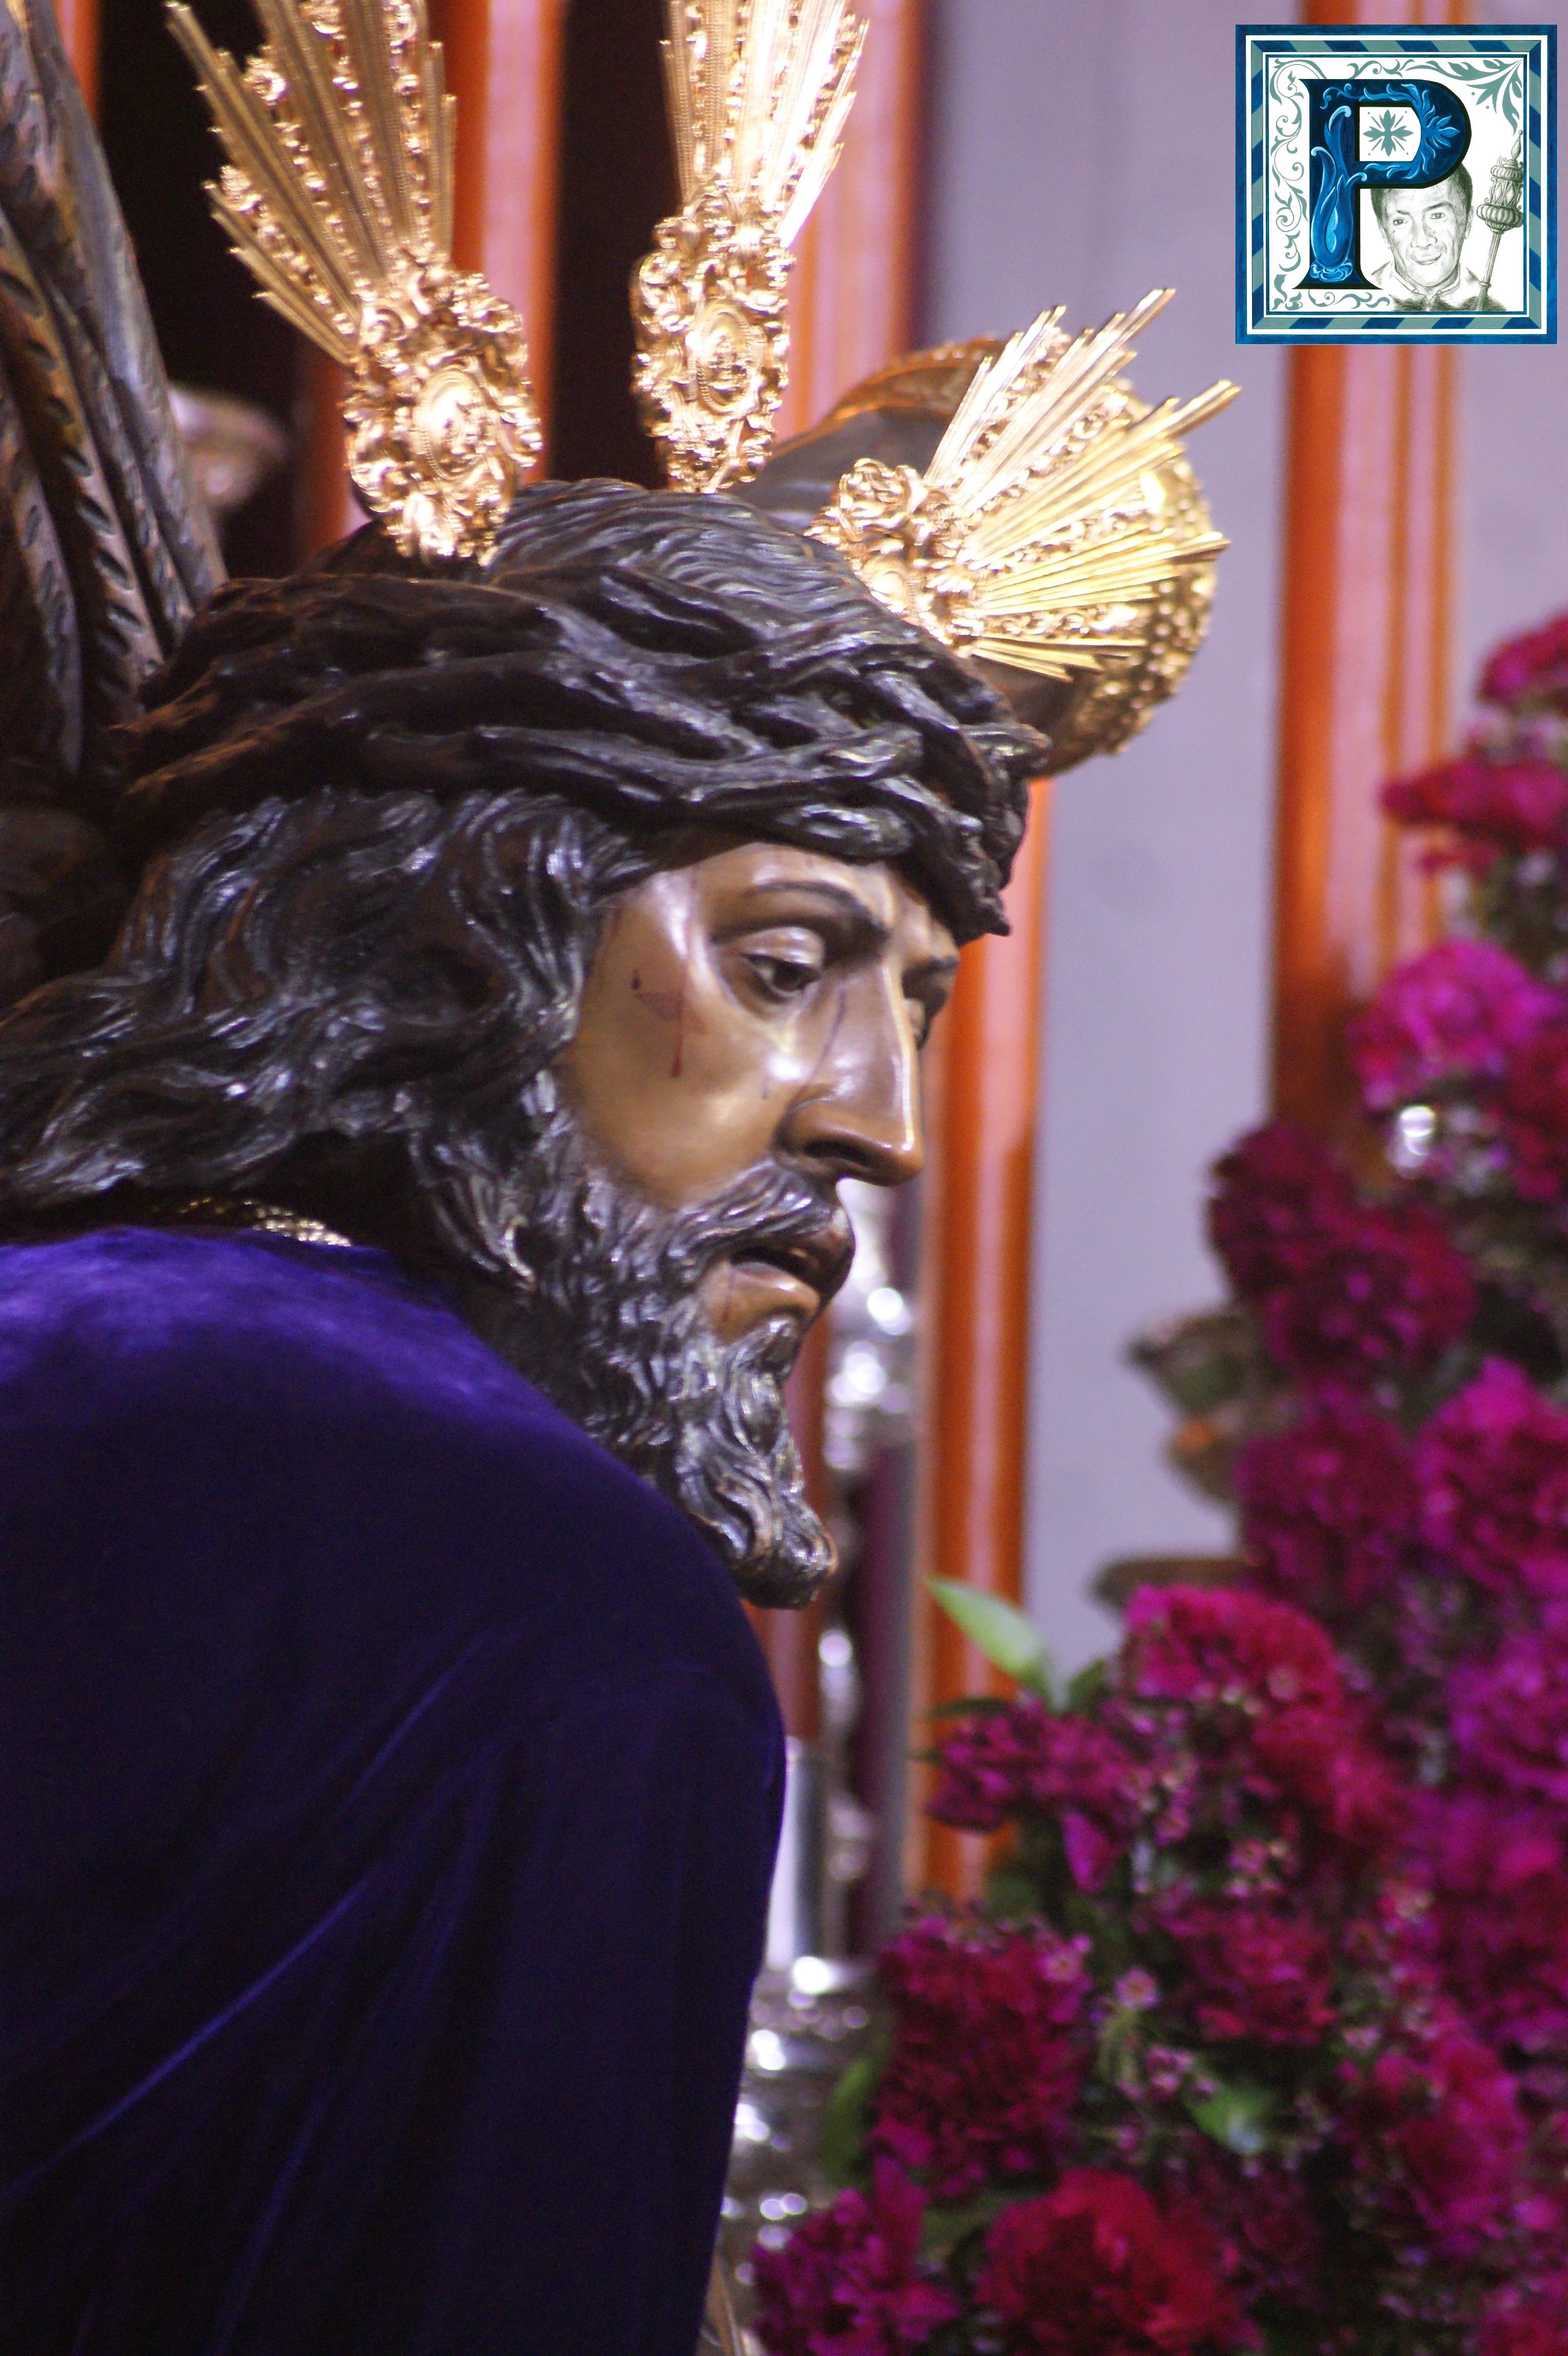 Las cofradías convocan cultos coincidiendo con el inicio de la Cuaresma